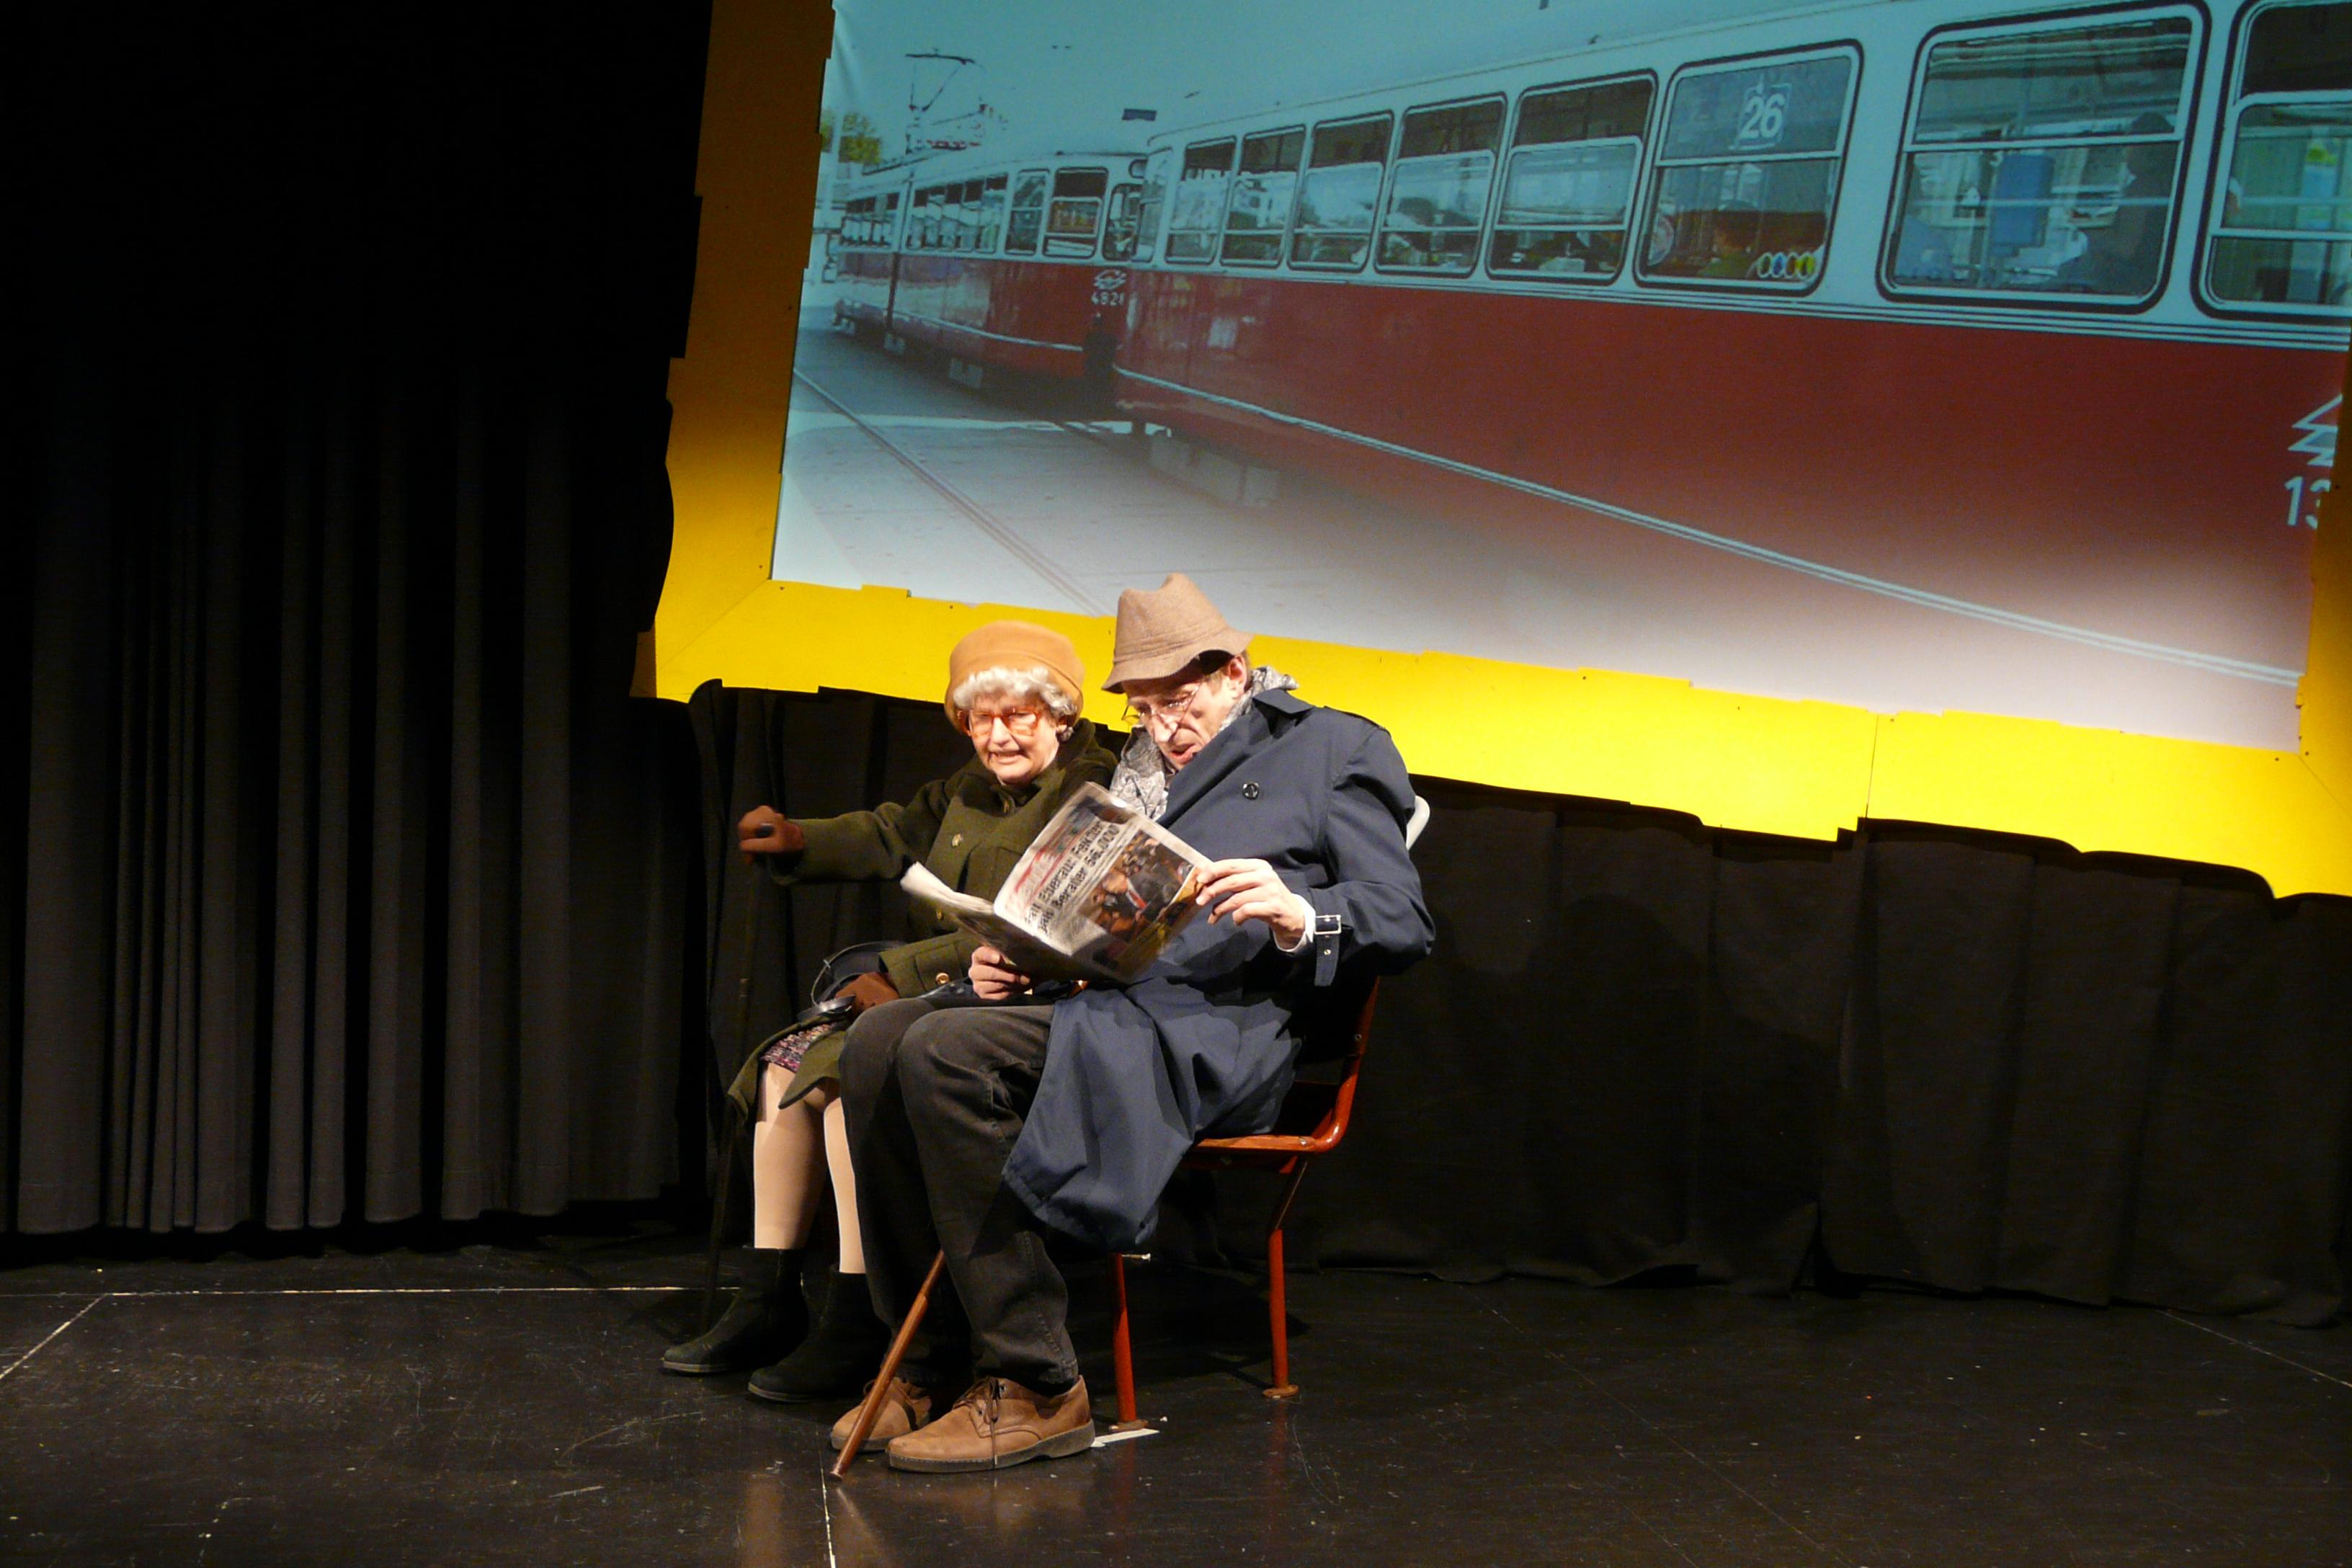 Altes Ehepaar in der Straßenbahn